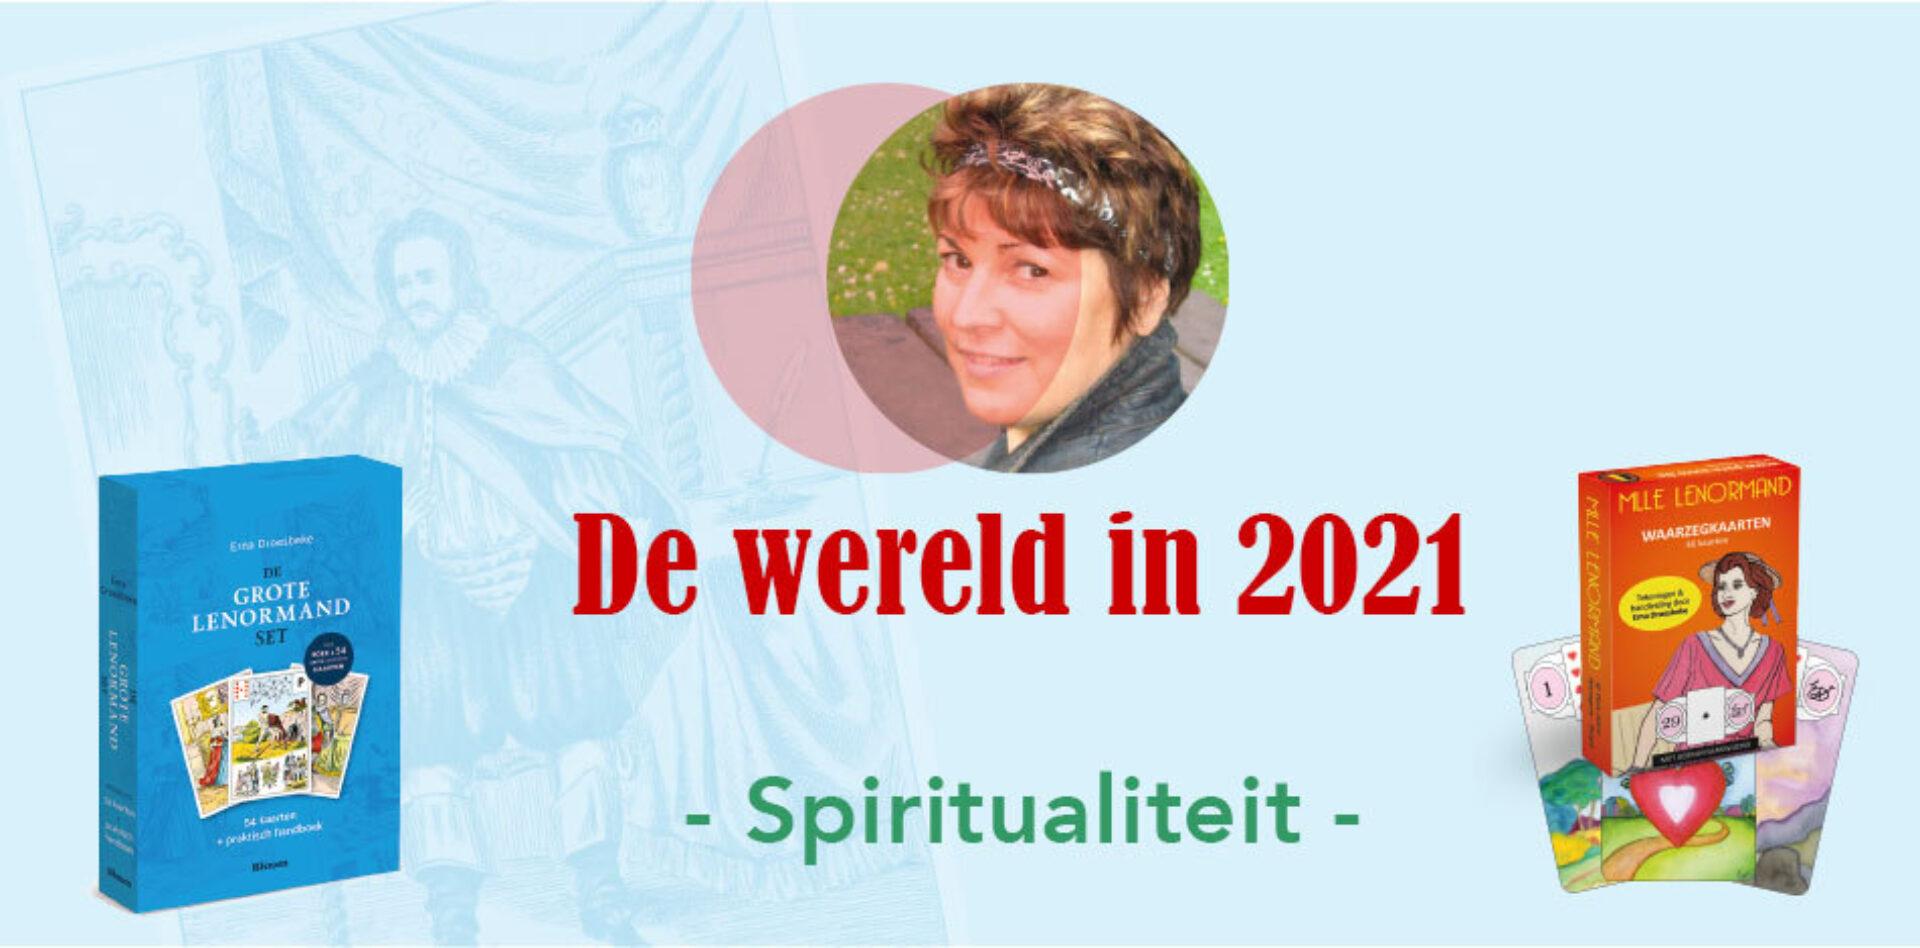 De wereld in 2021 volgens de Lenormand - Spiritualiteit